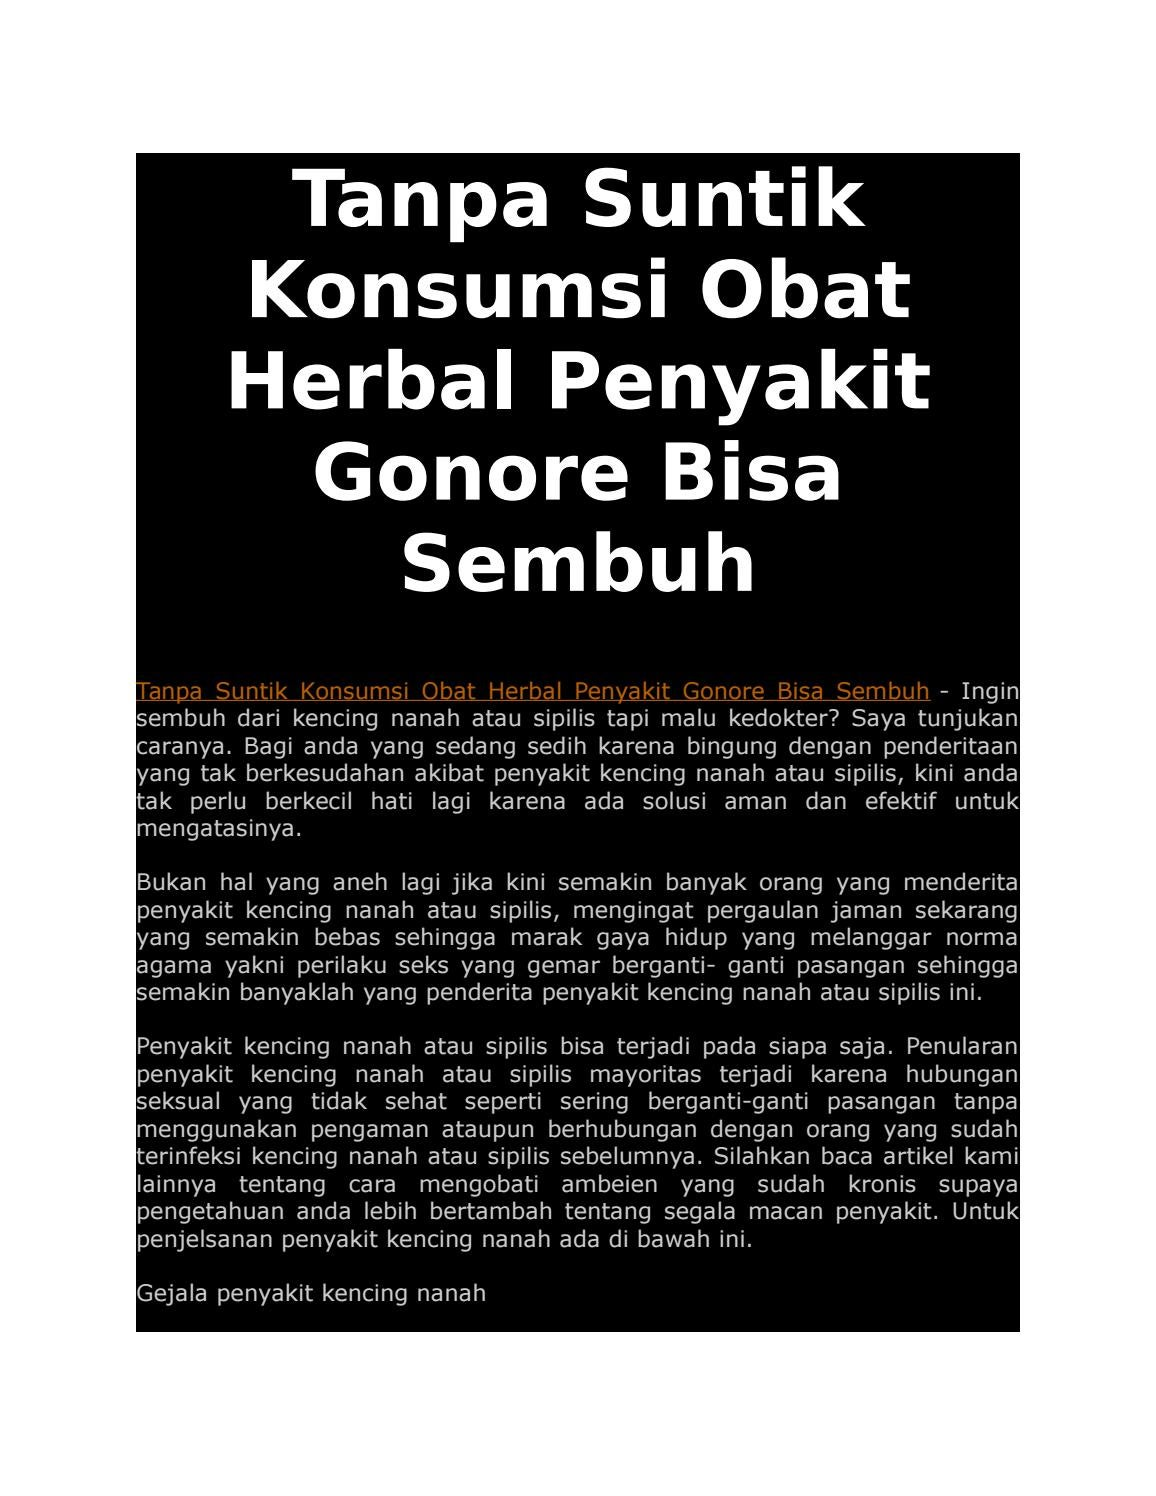 Tanpa Suntik Konsumsi Obat Herbal Penyakit Gonore Bisa Sembuh By Kencing Nanah Spelis Cepat Issuu